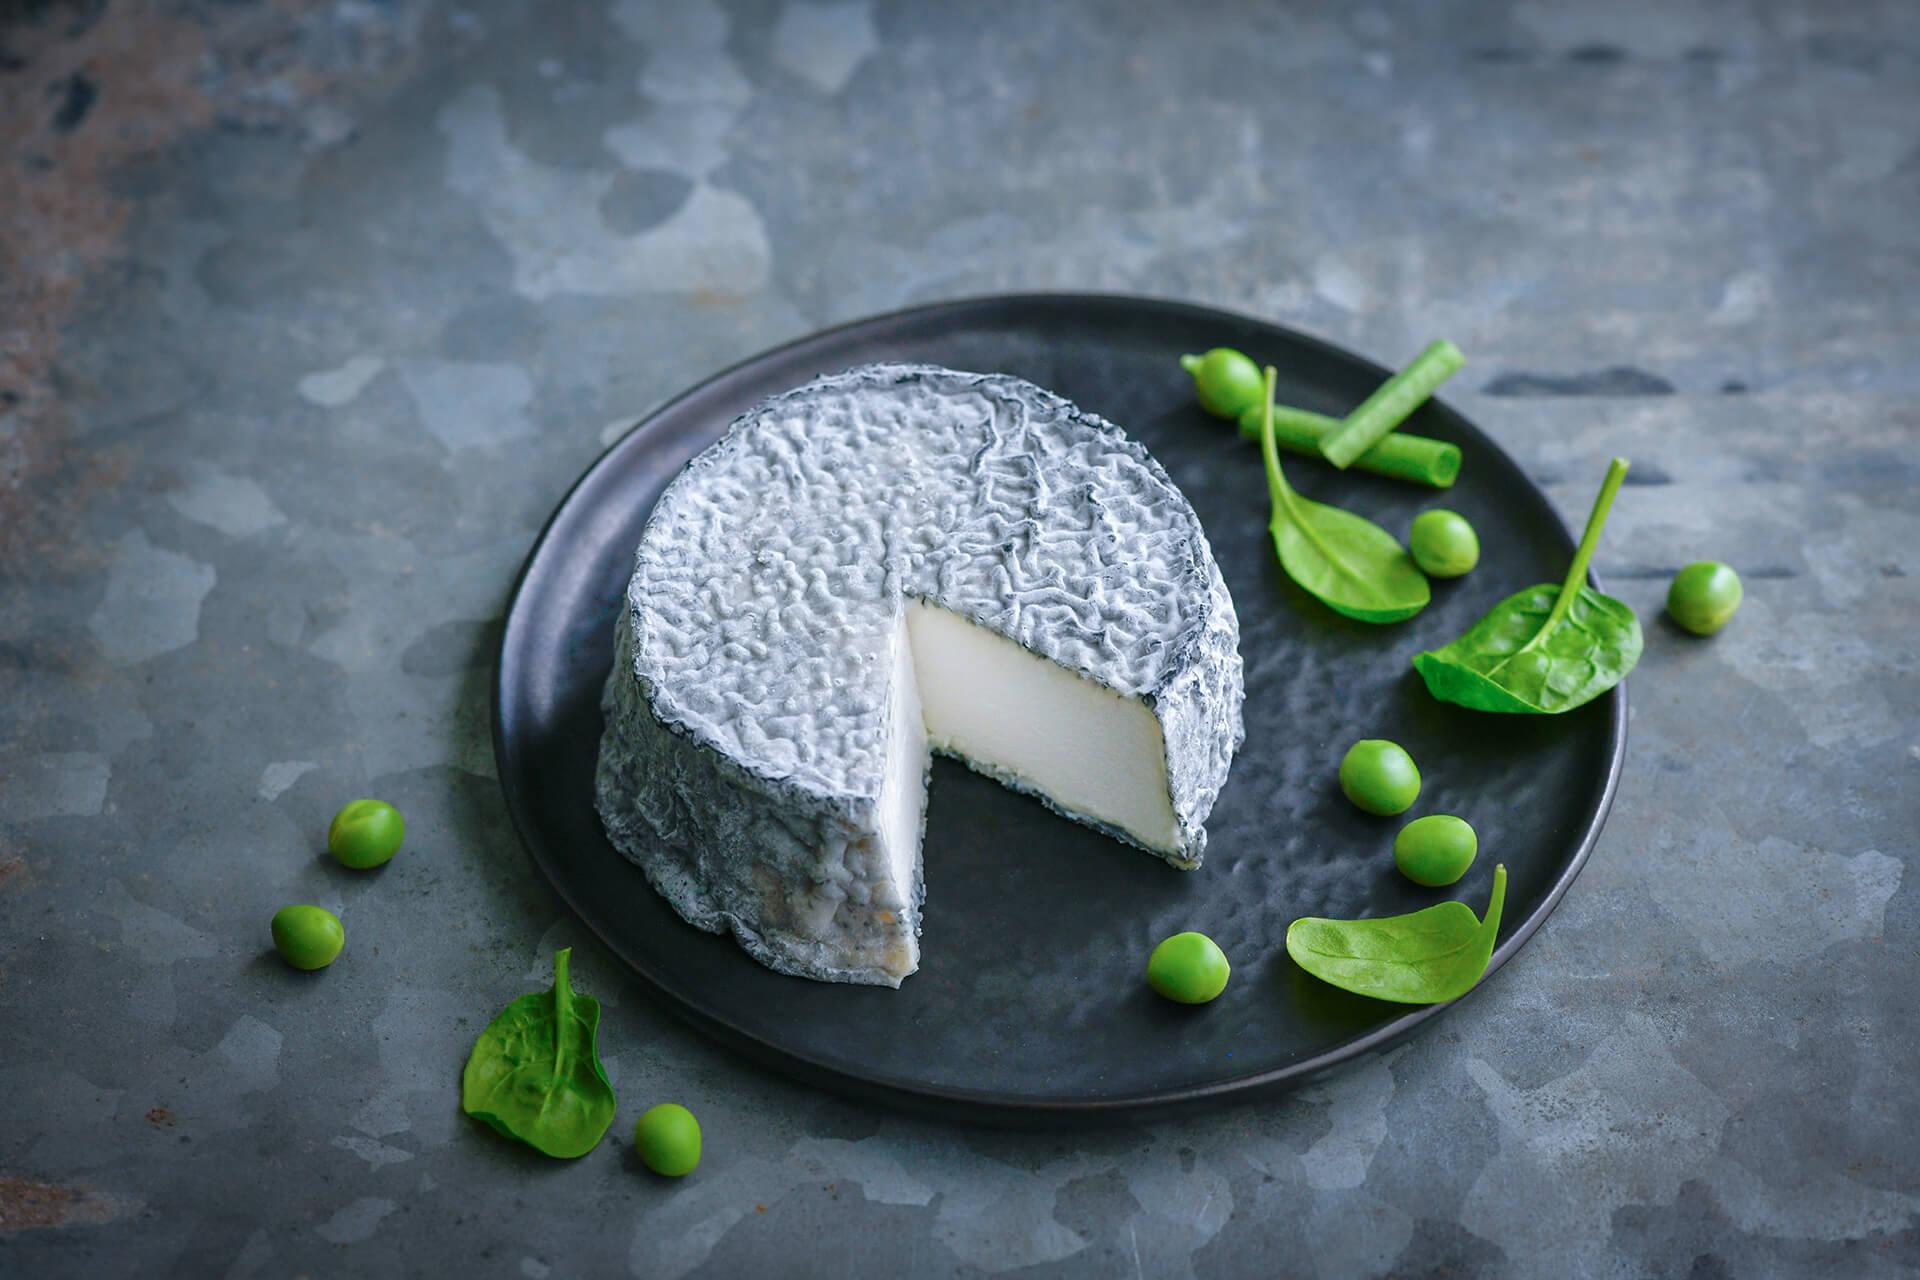 Image du fromage  Selles-sur-cher AOP